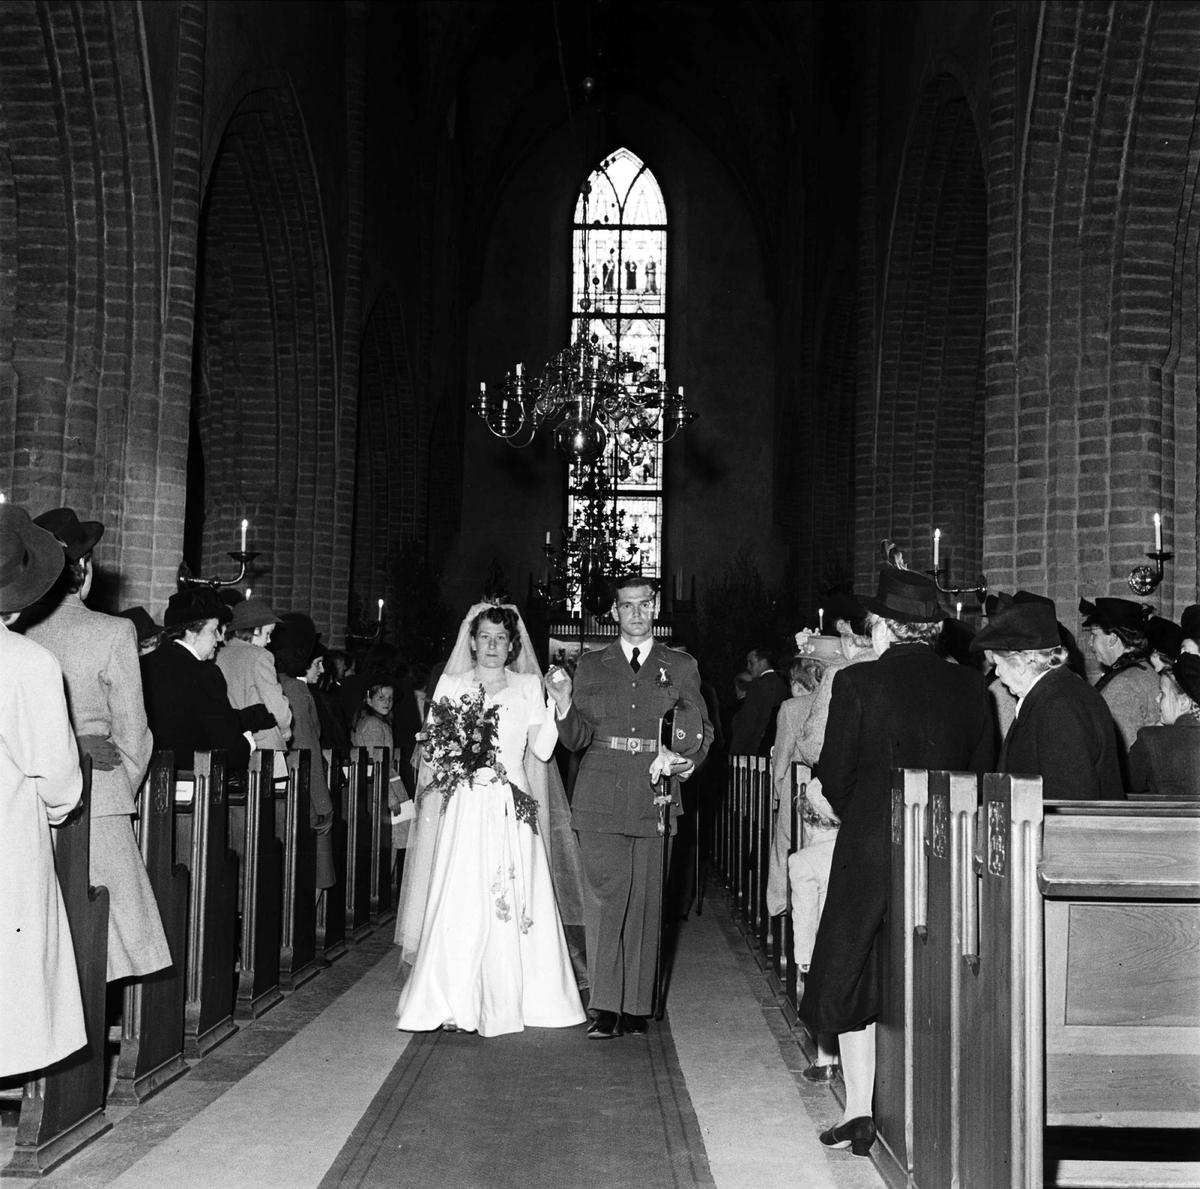 34f55a1fb68c Bröllop - brudparet Lundén i Helga Trefaldighets kyrka, Uppsala 1948 ...